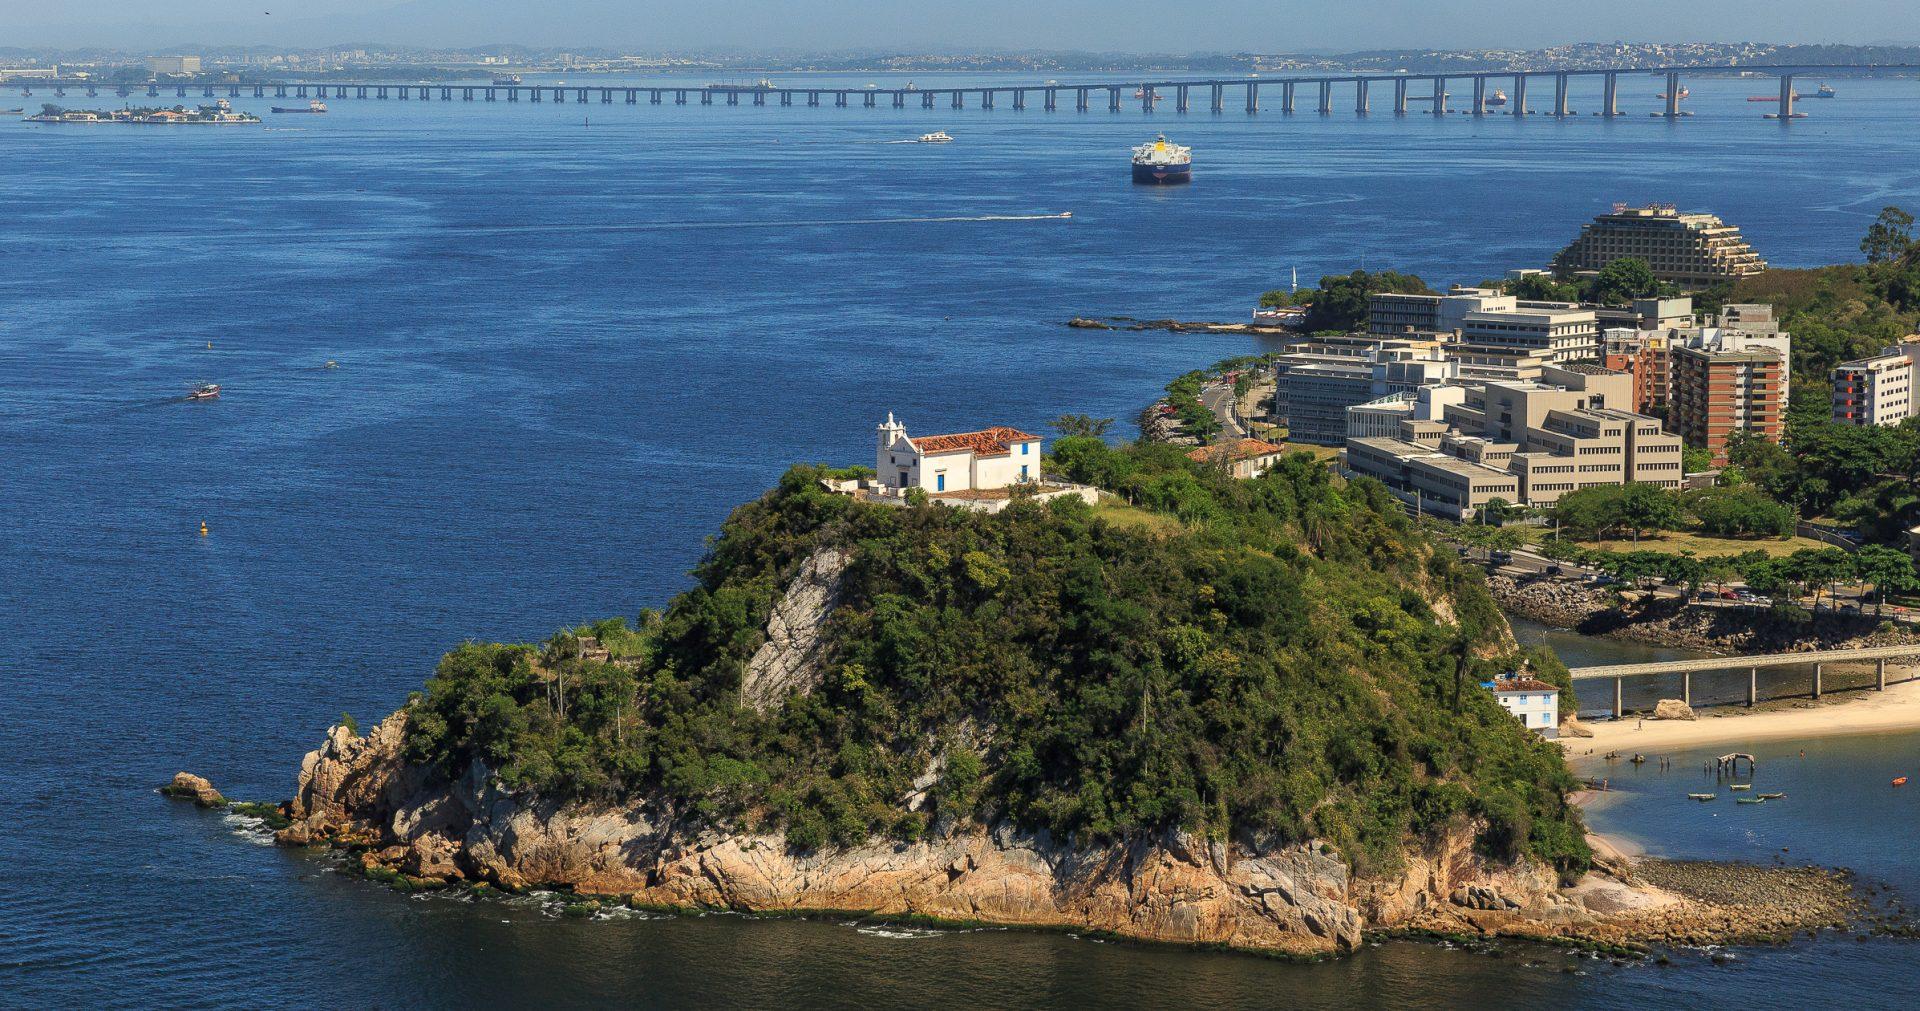 Ilha de Boa Viagem, em Niterói, reúne construções históricas e vistas deslumbrantes